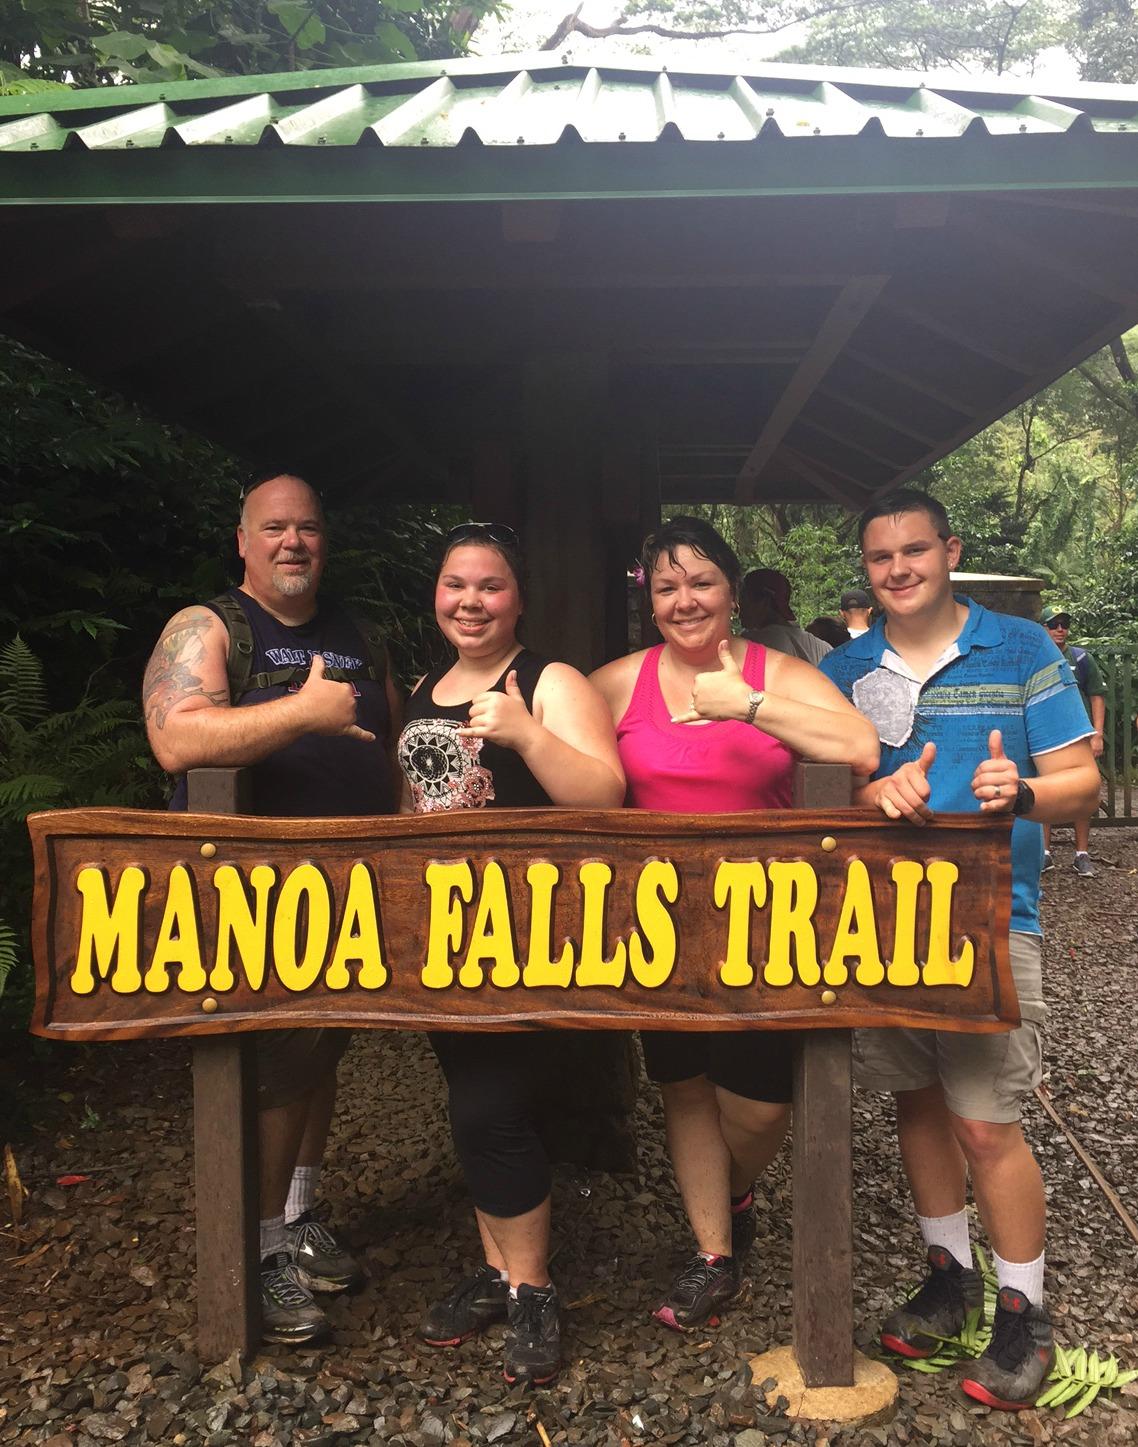 Manoa Falls Hike - www.stampedwithaloha.com